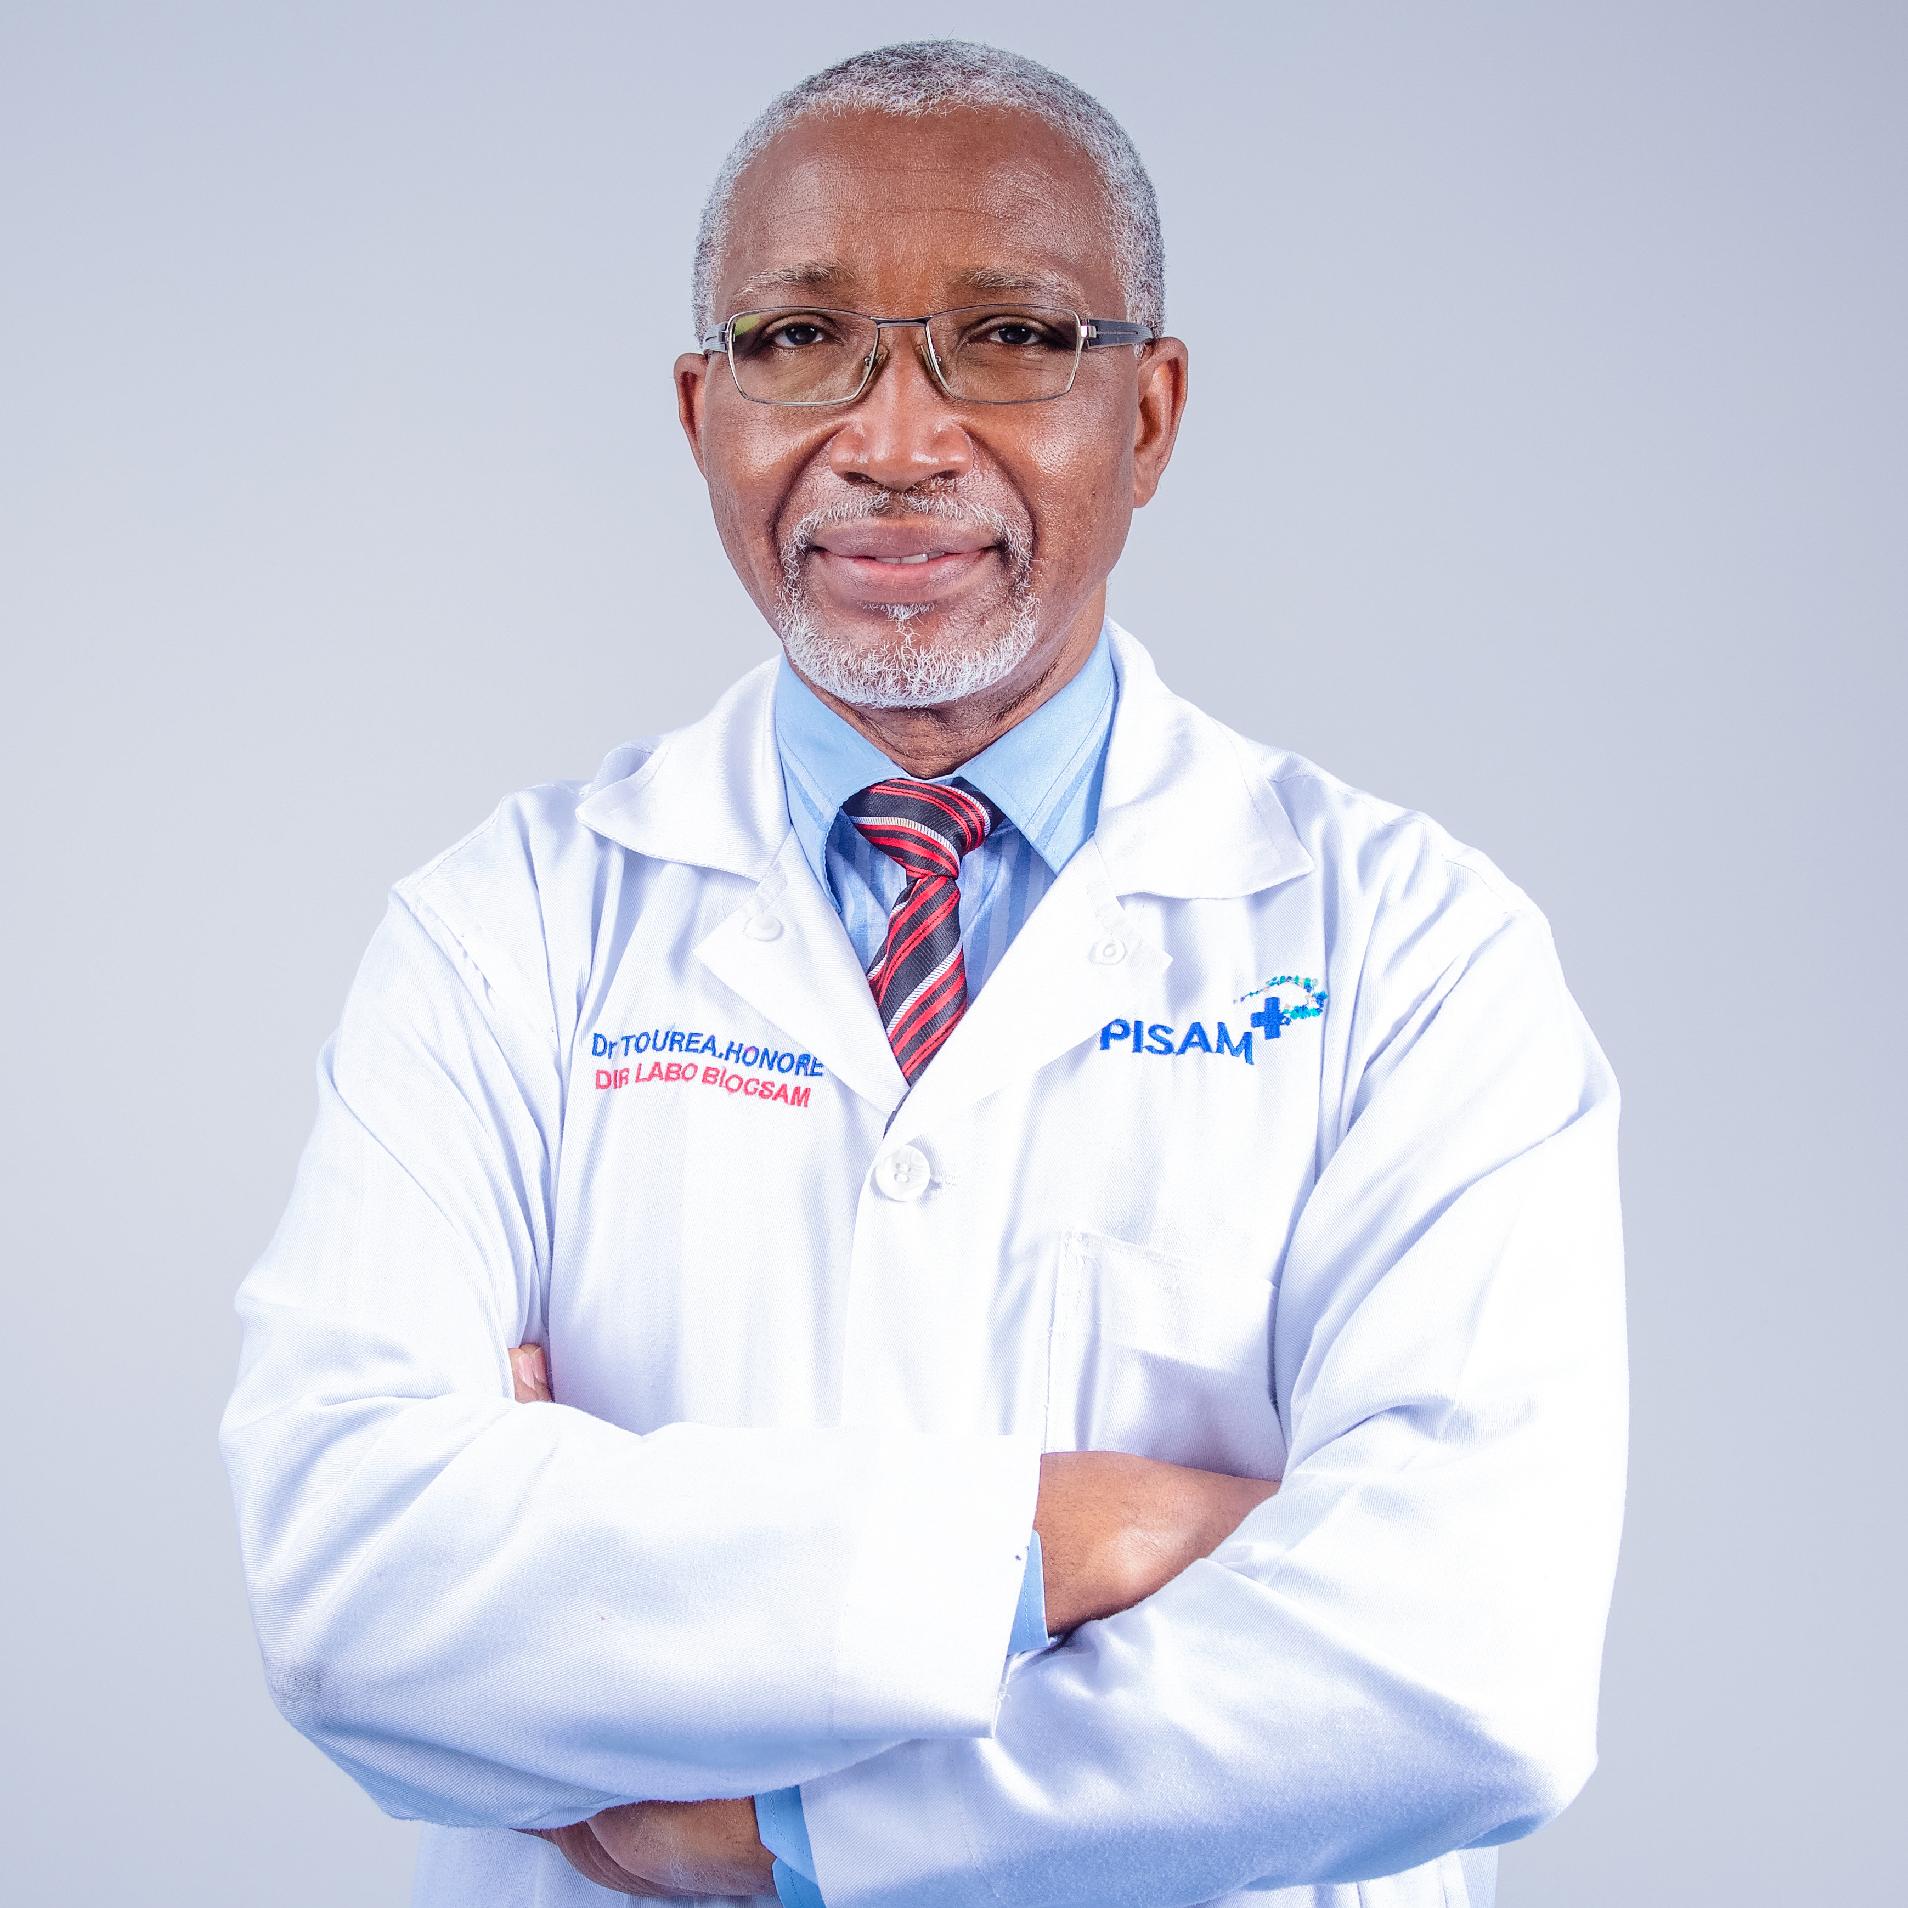 Dr. TOURE Honoré